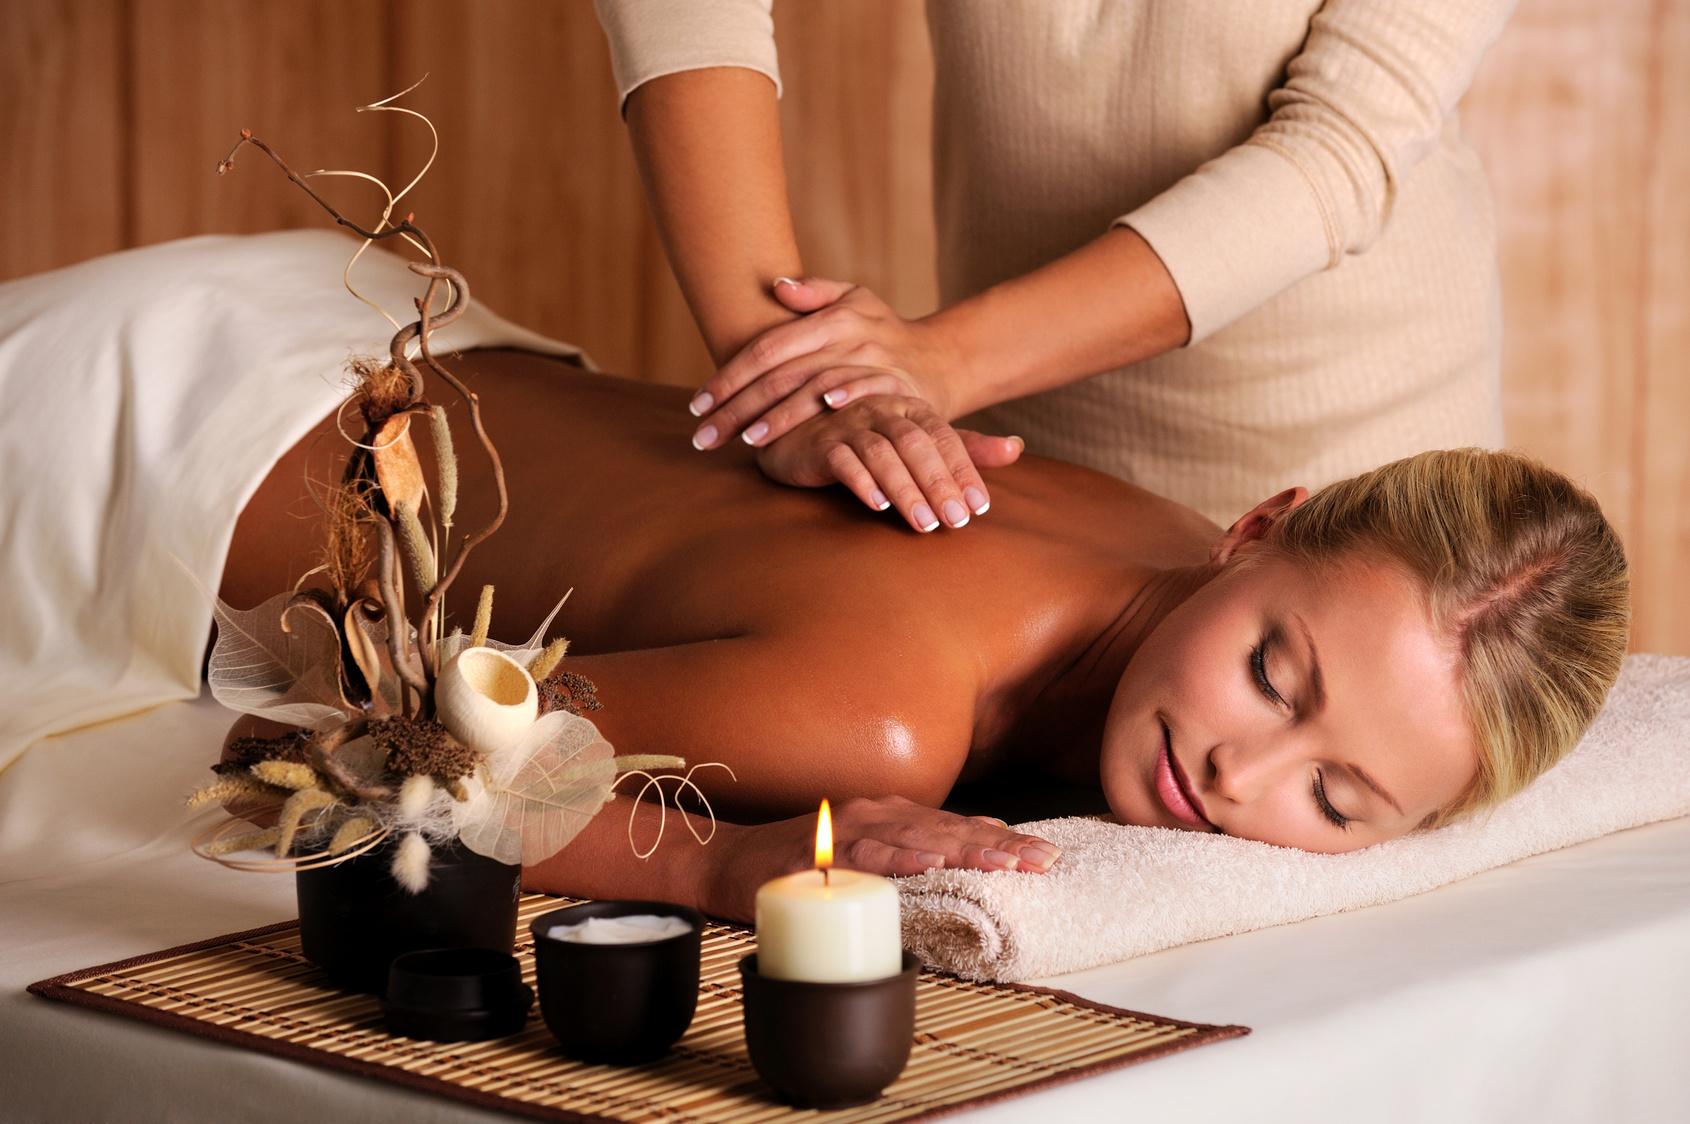 massaggiatore prostatico con roller ball